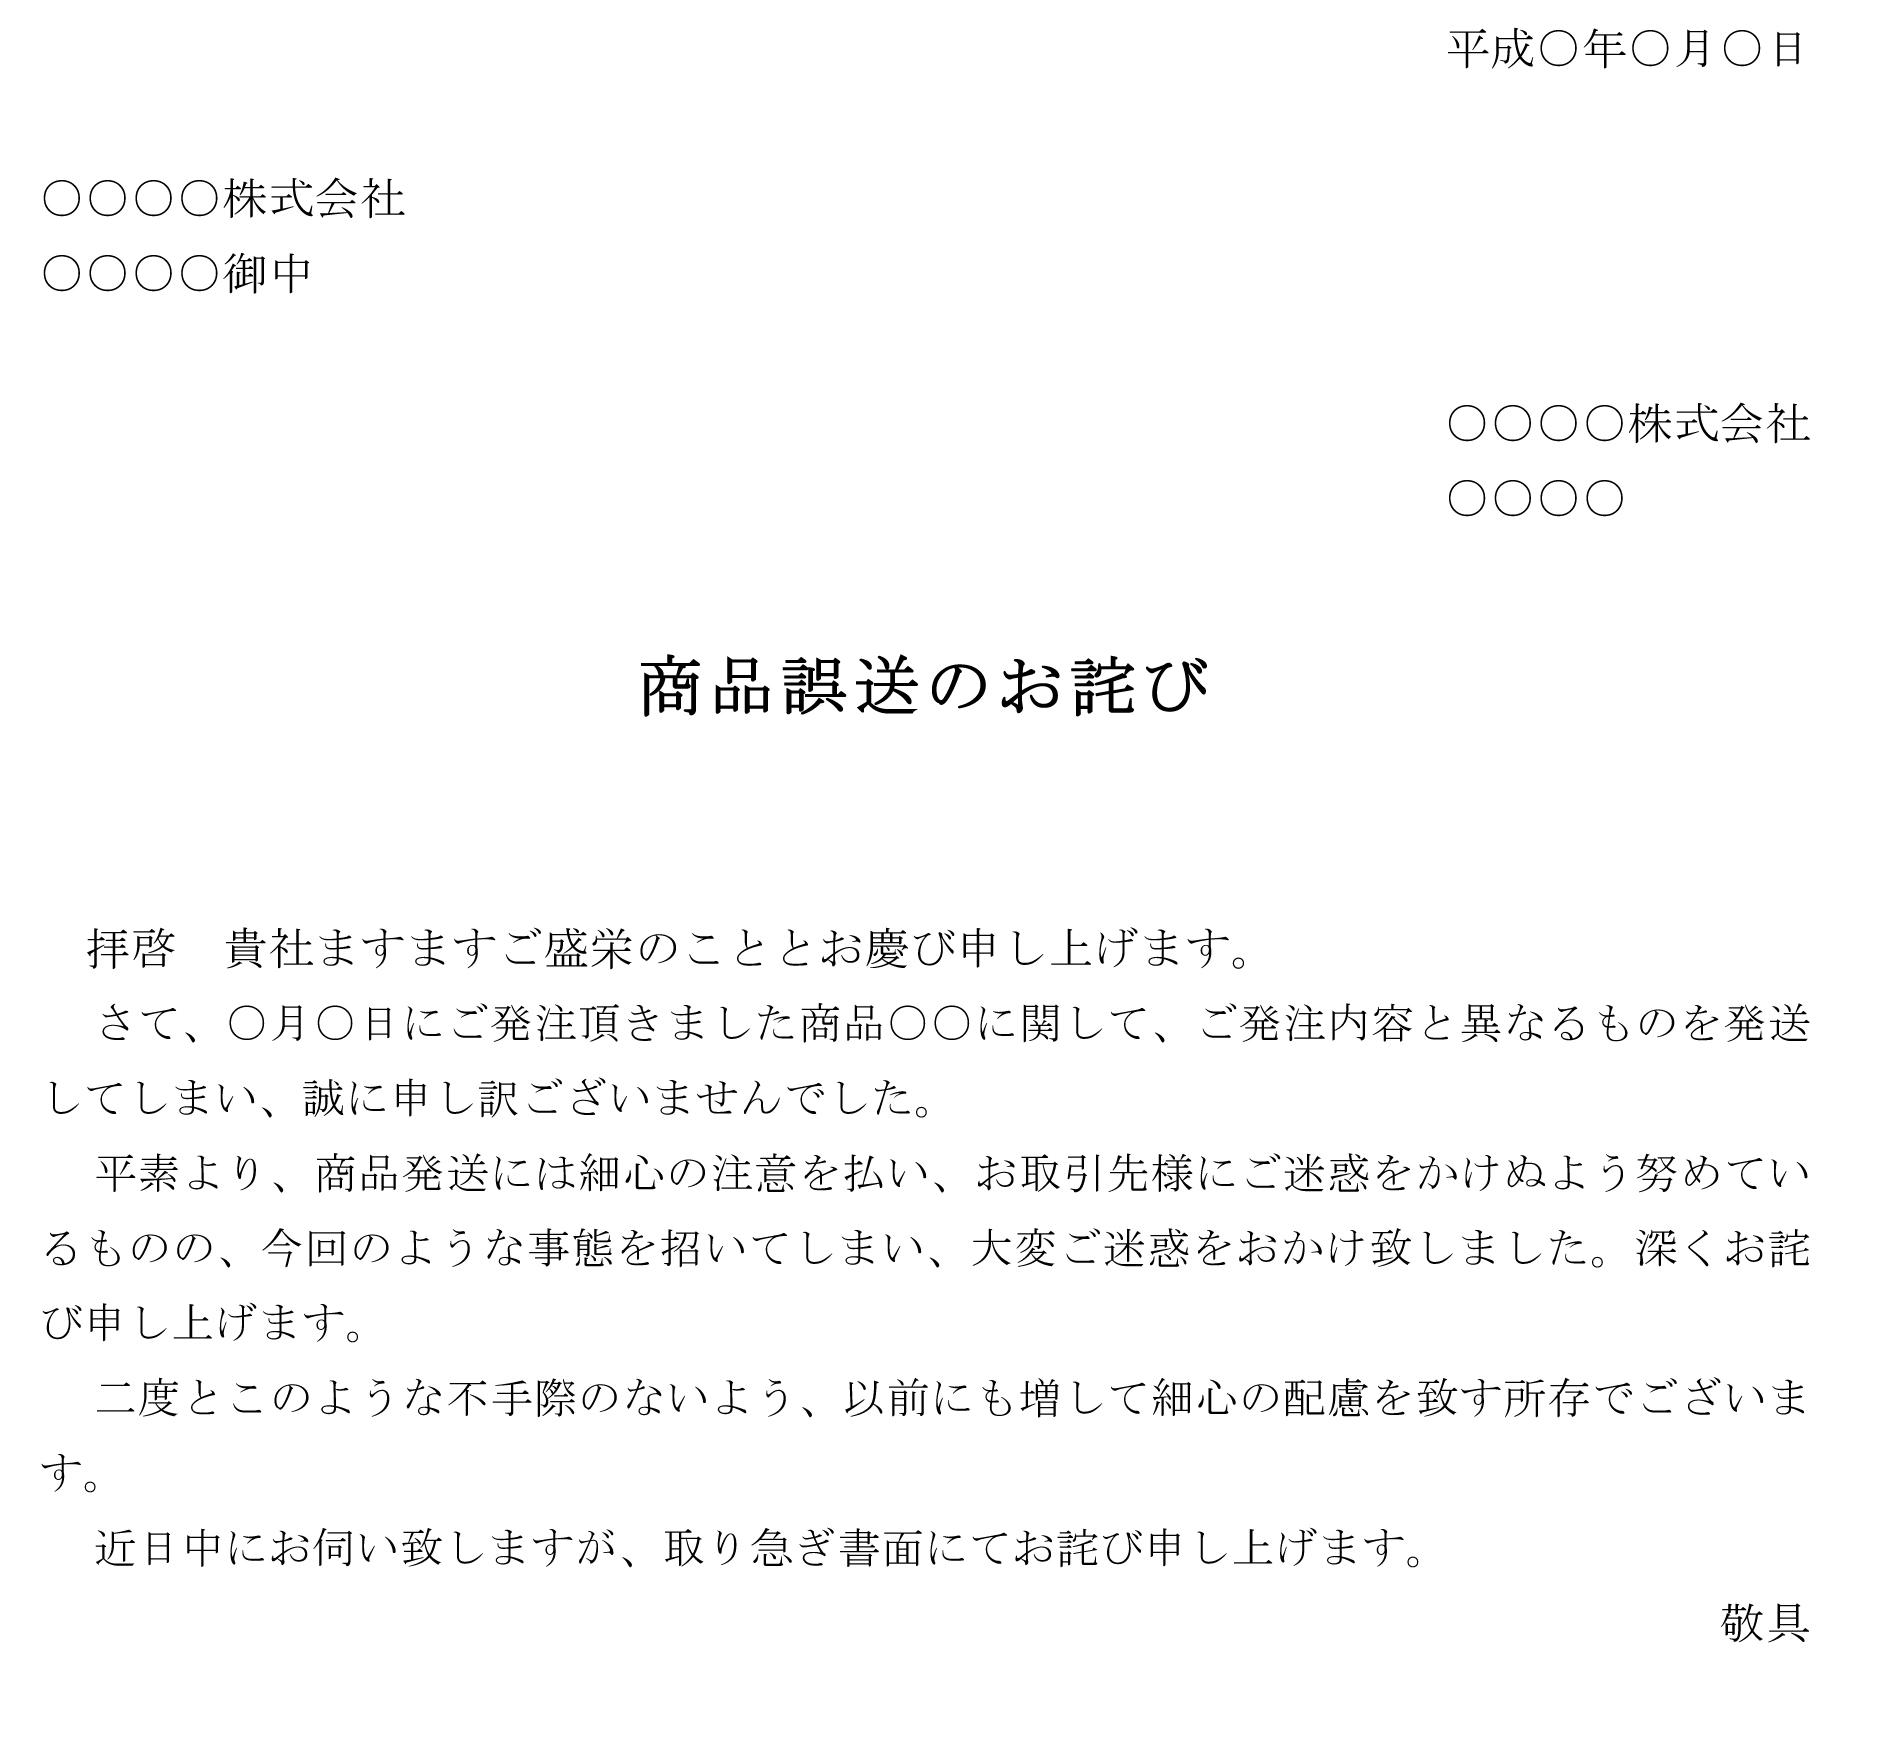 お詫び状(商品誤送)01